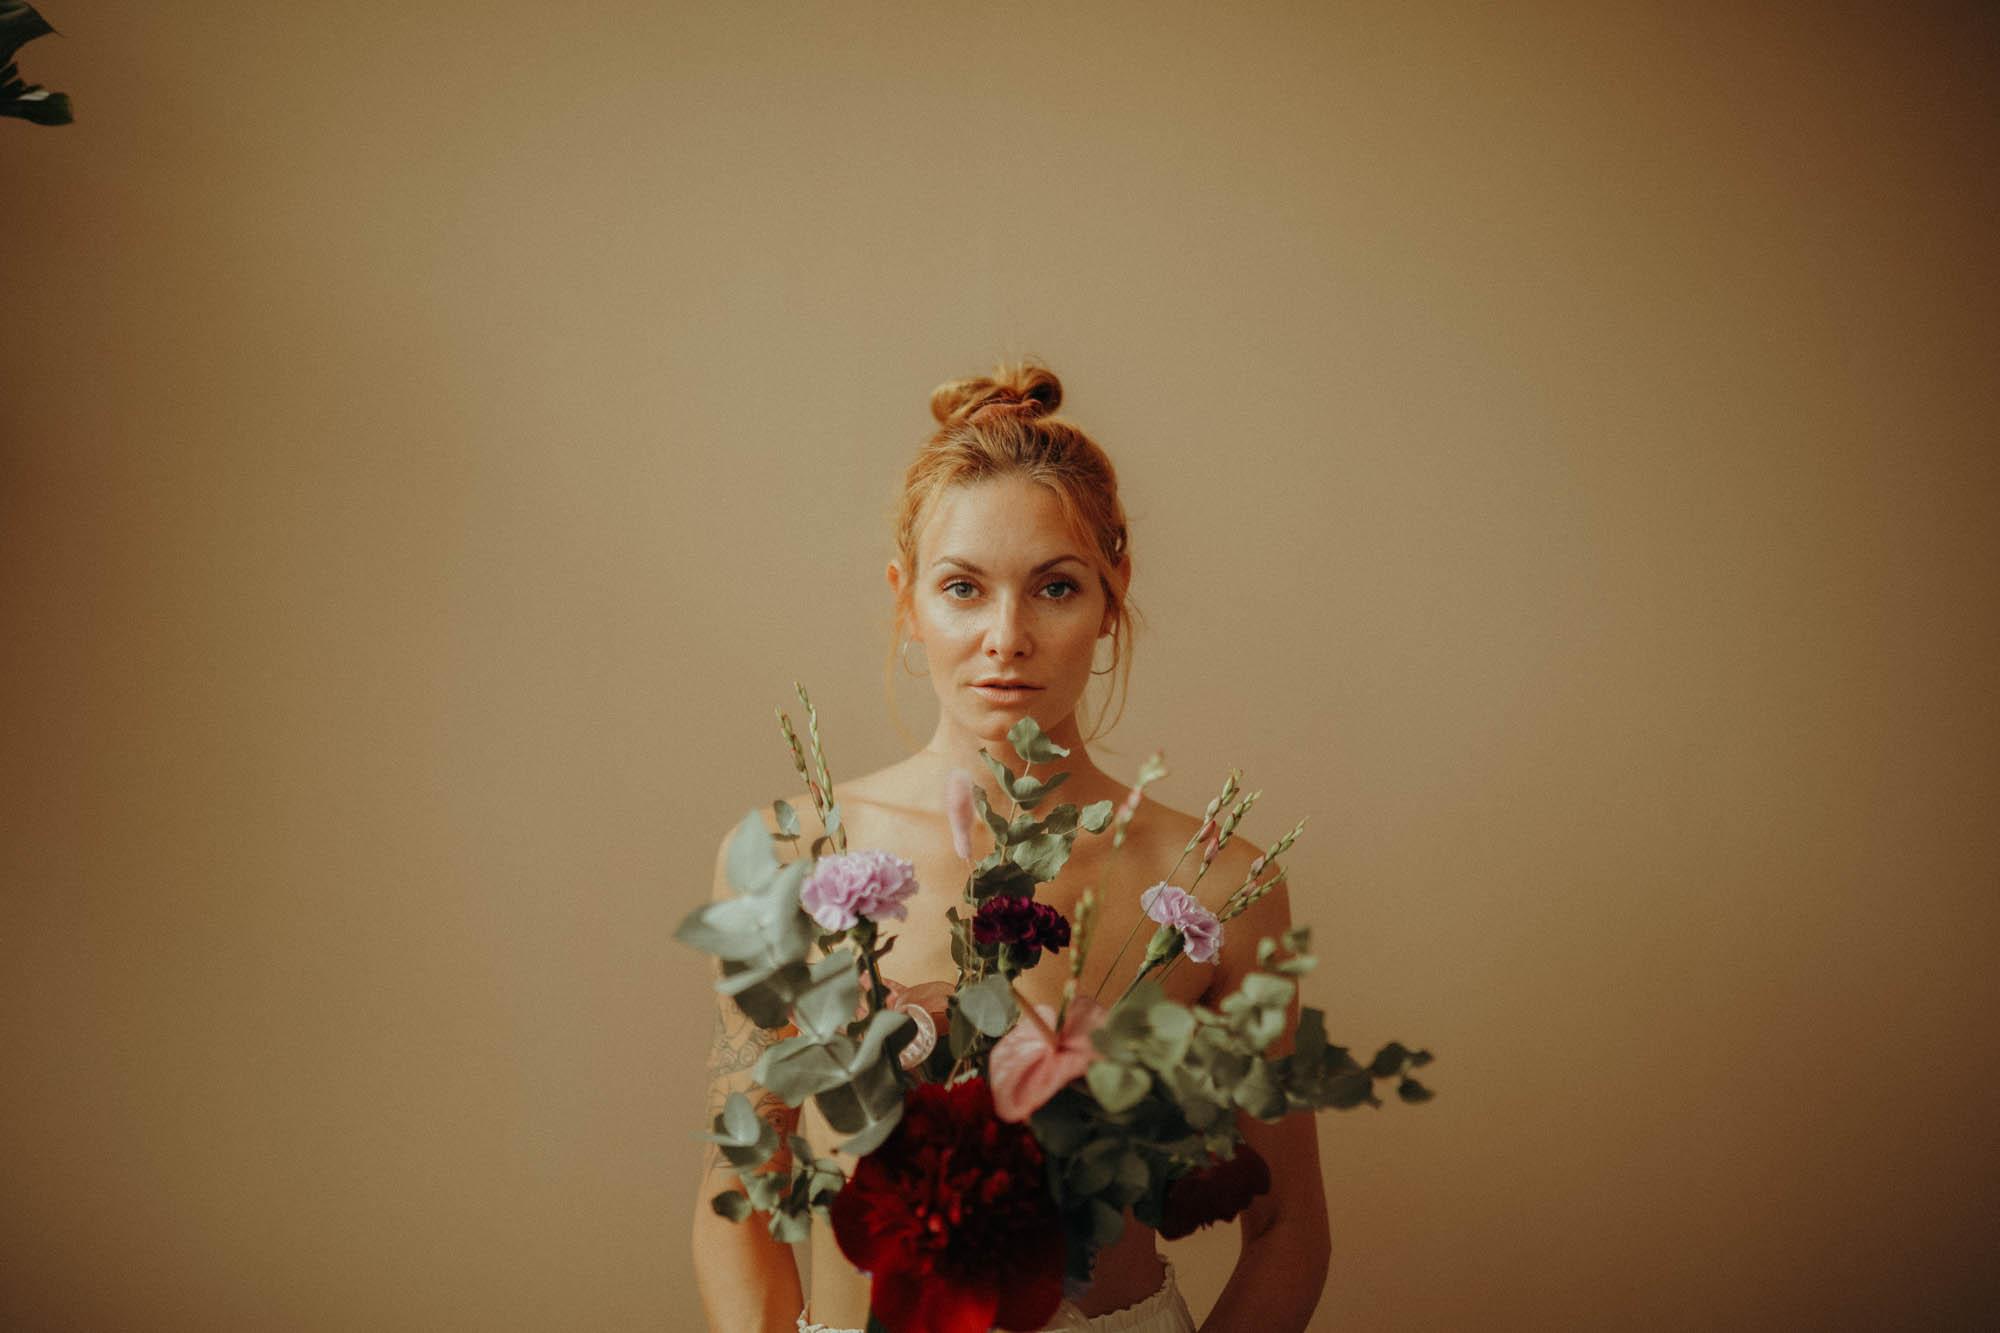 Jahr der Kreaivflaute © Laura Kirst